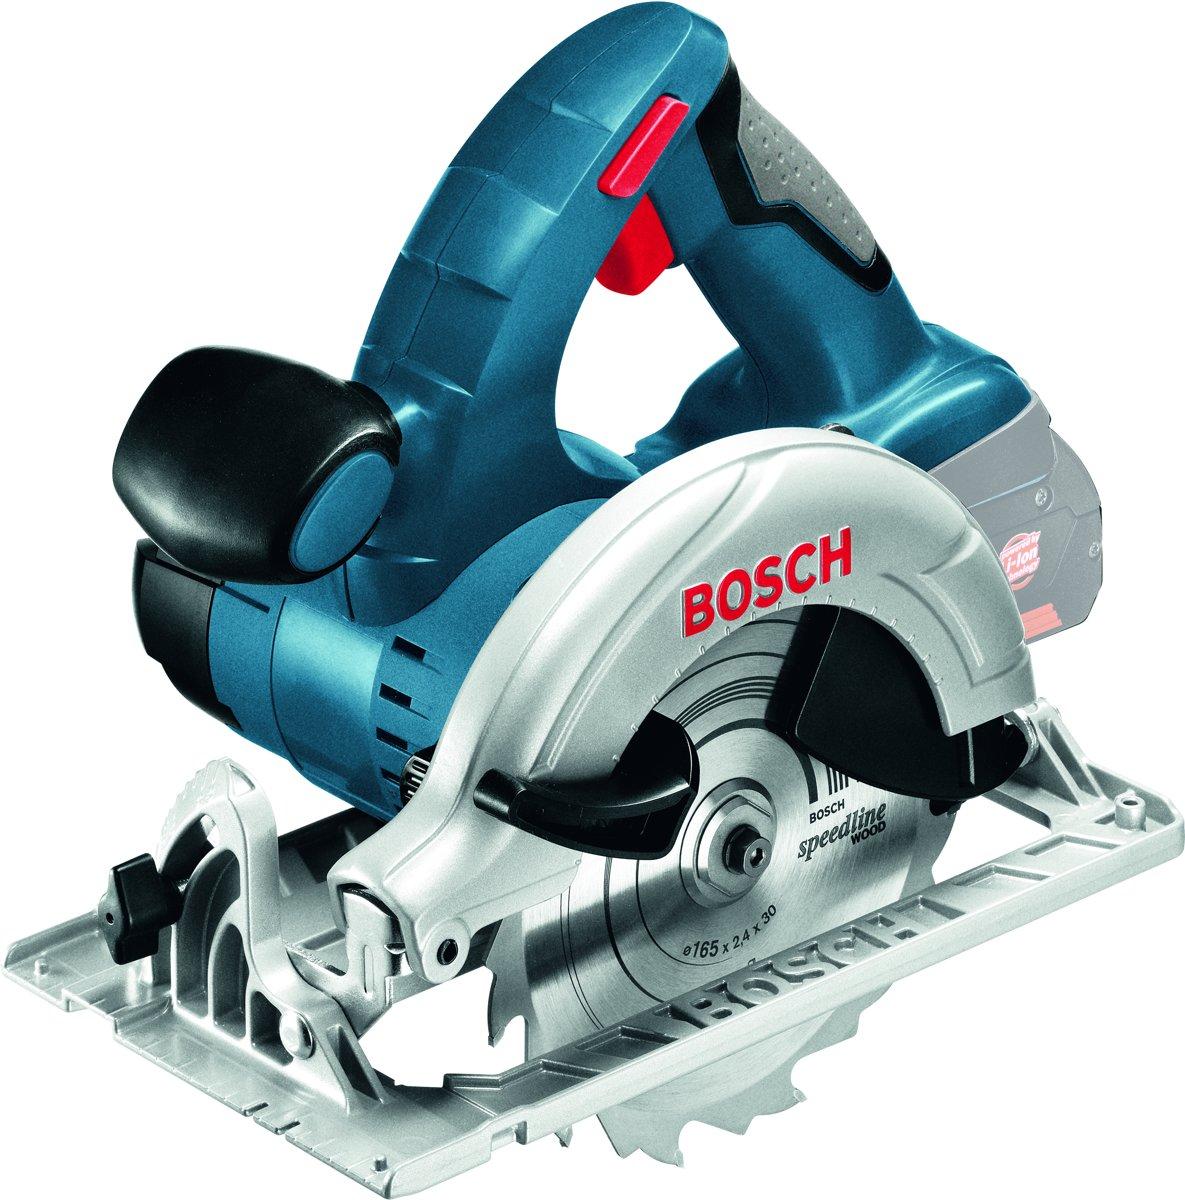 Bosch Professional Accu cirkelzaagmachine GKS 18 V-LI (Zonder accu/lader)